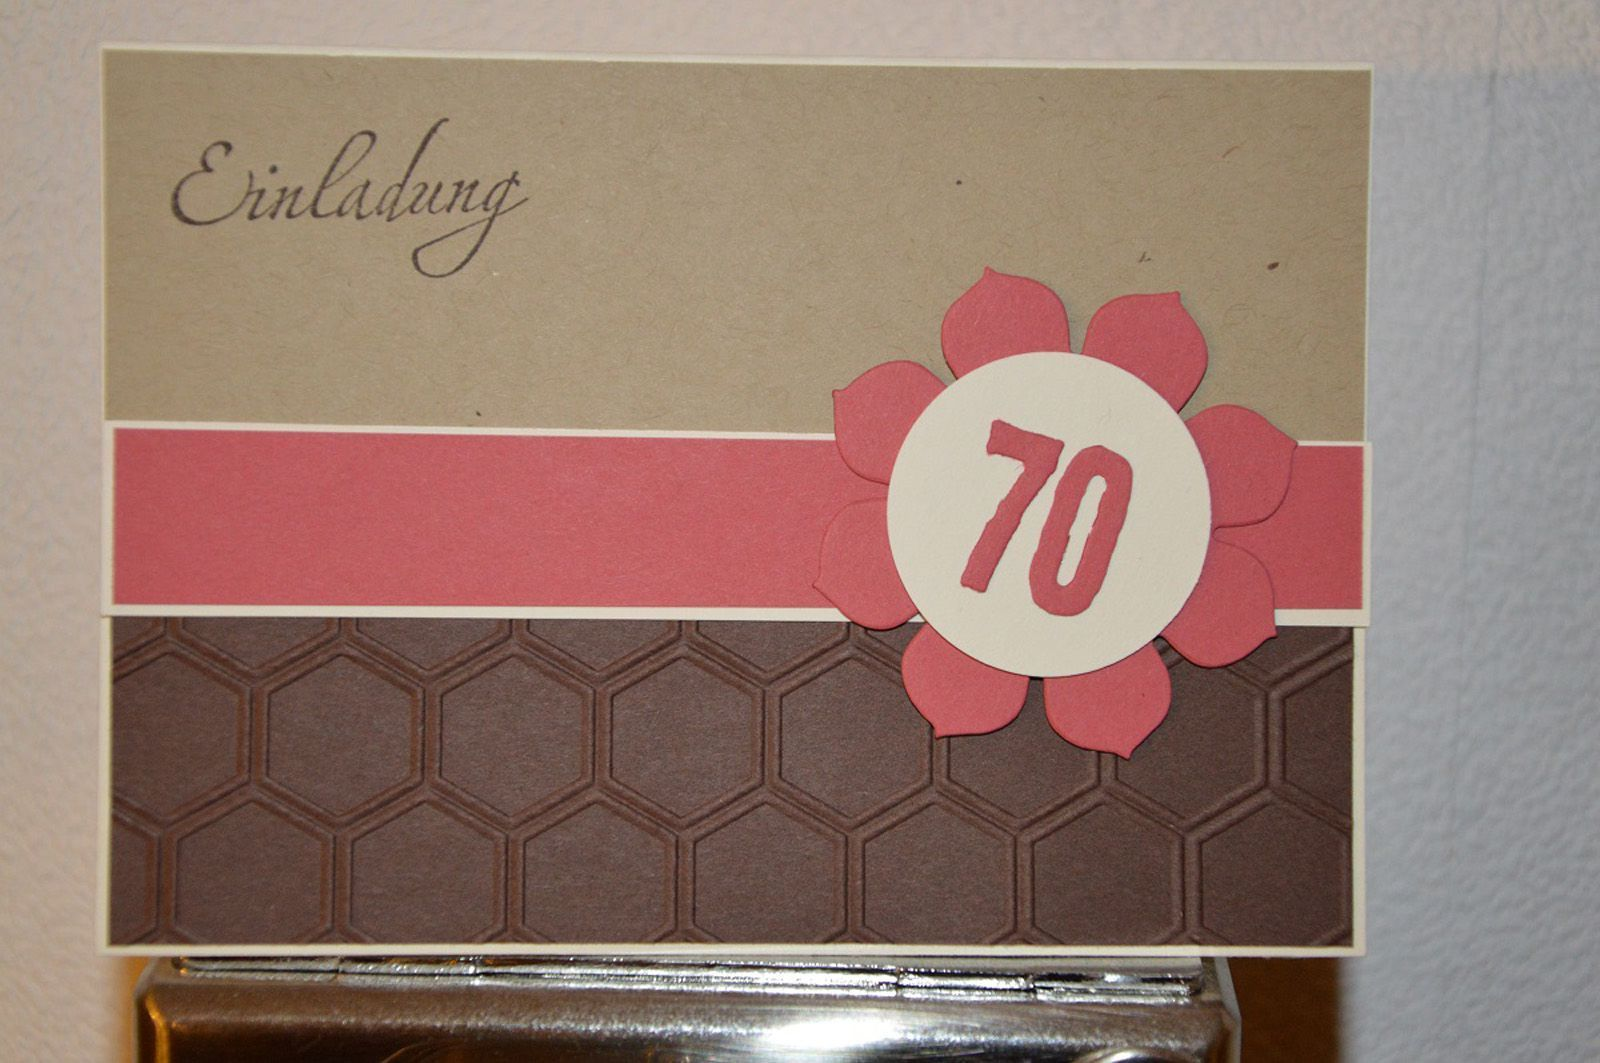 Einladungskarten Geburtstag : Einladungskarten Zum 70 Geburtstag   Einladung  Zum Geburtstag   Einladung Zum Geburtstag